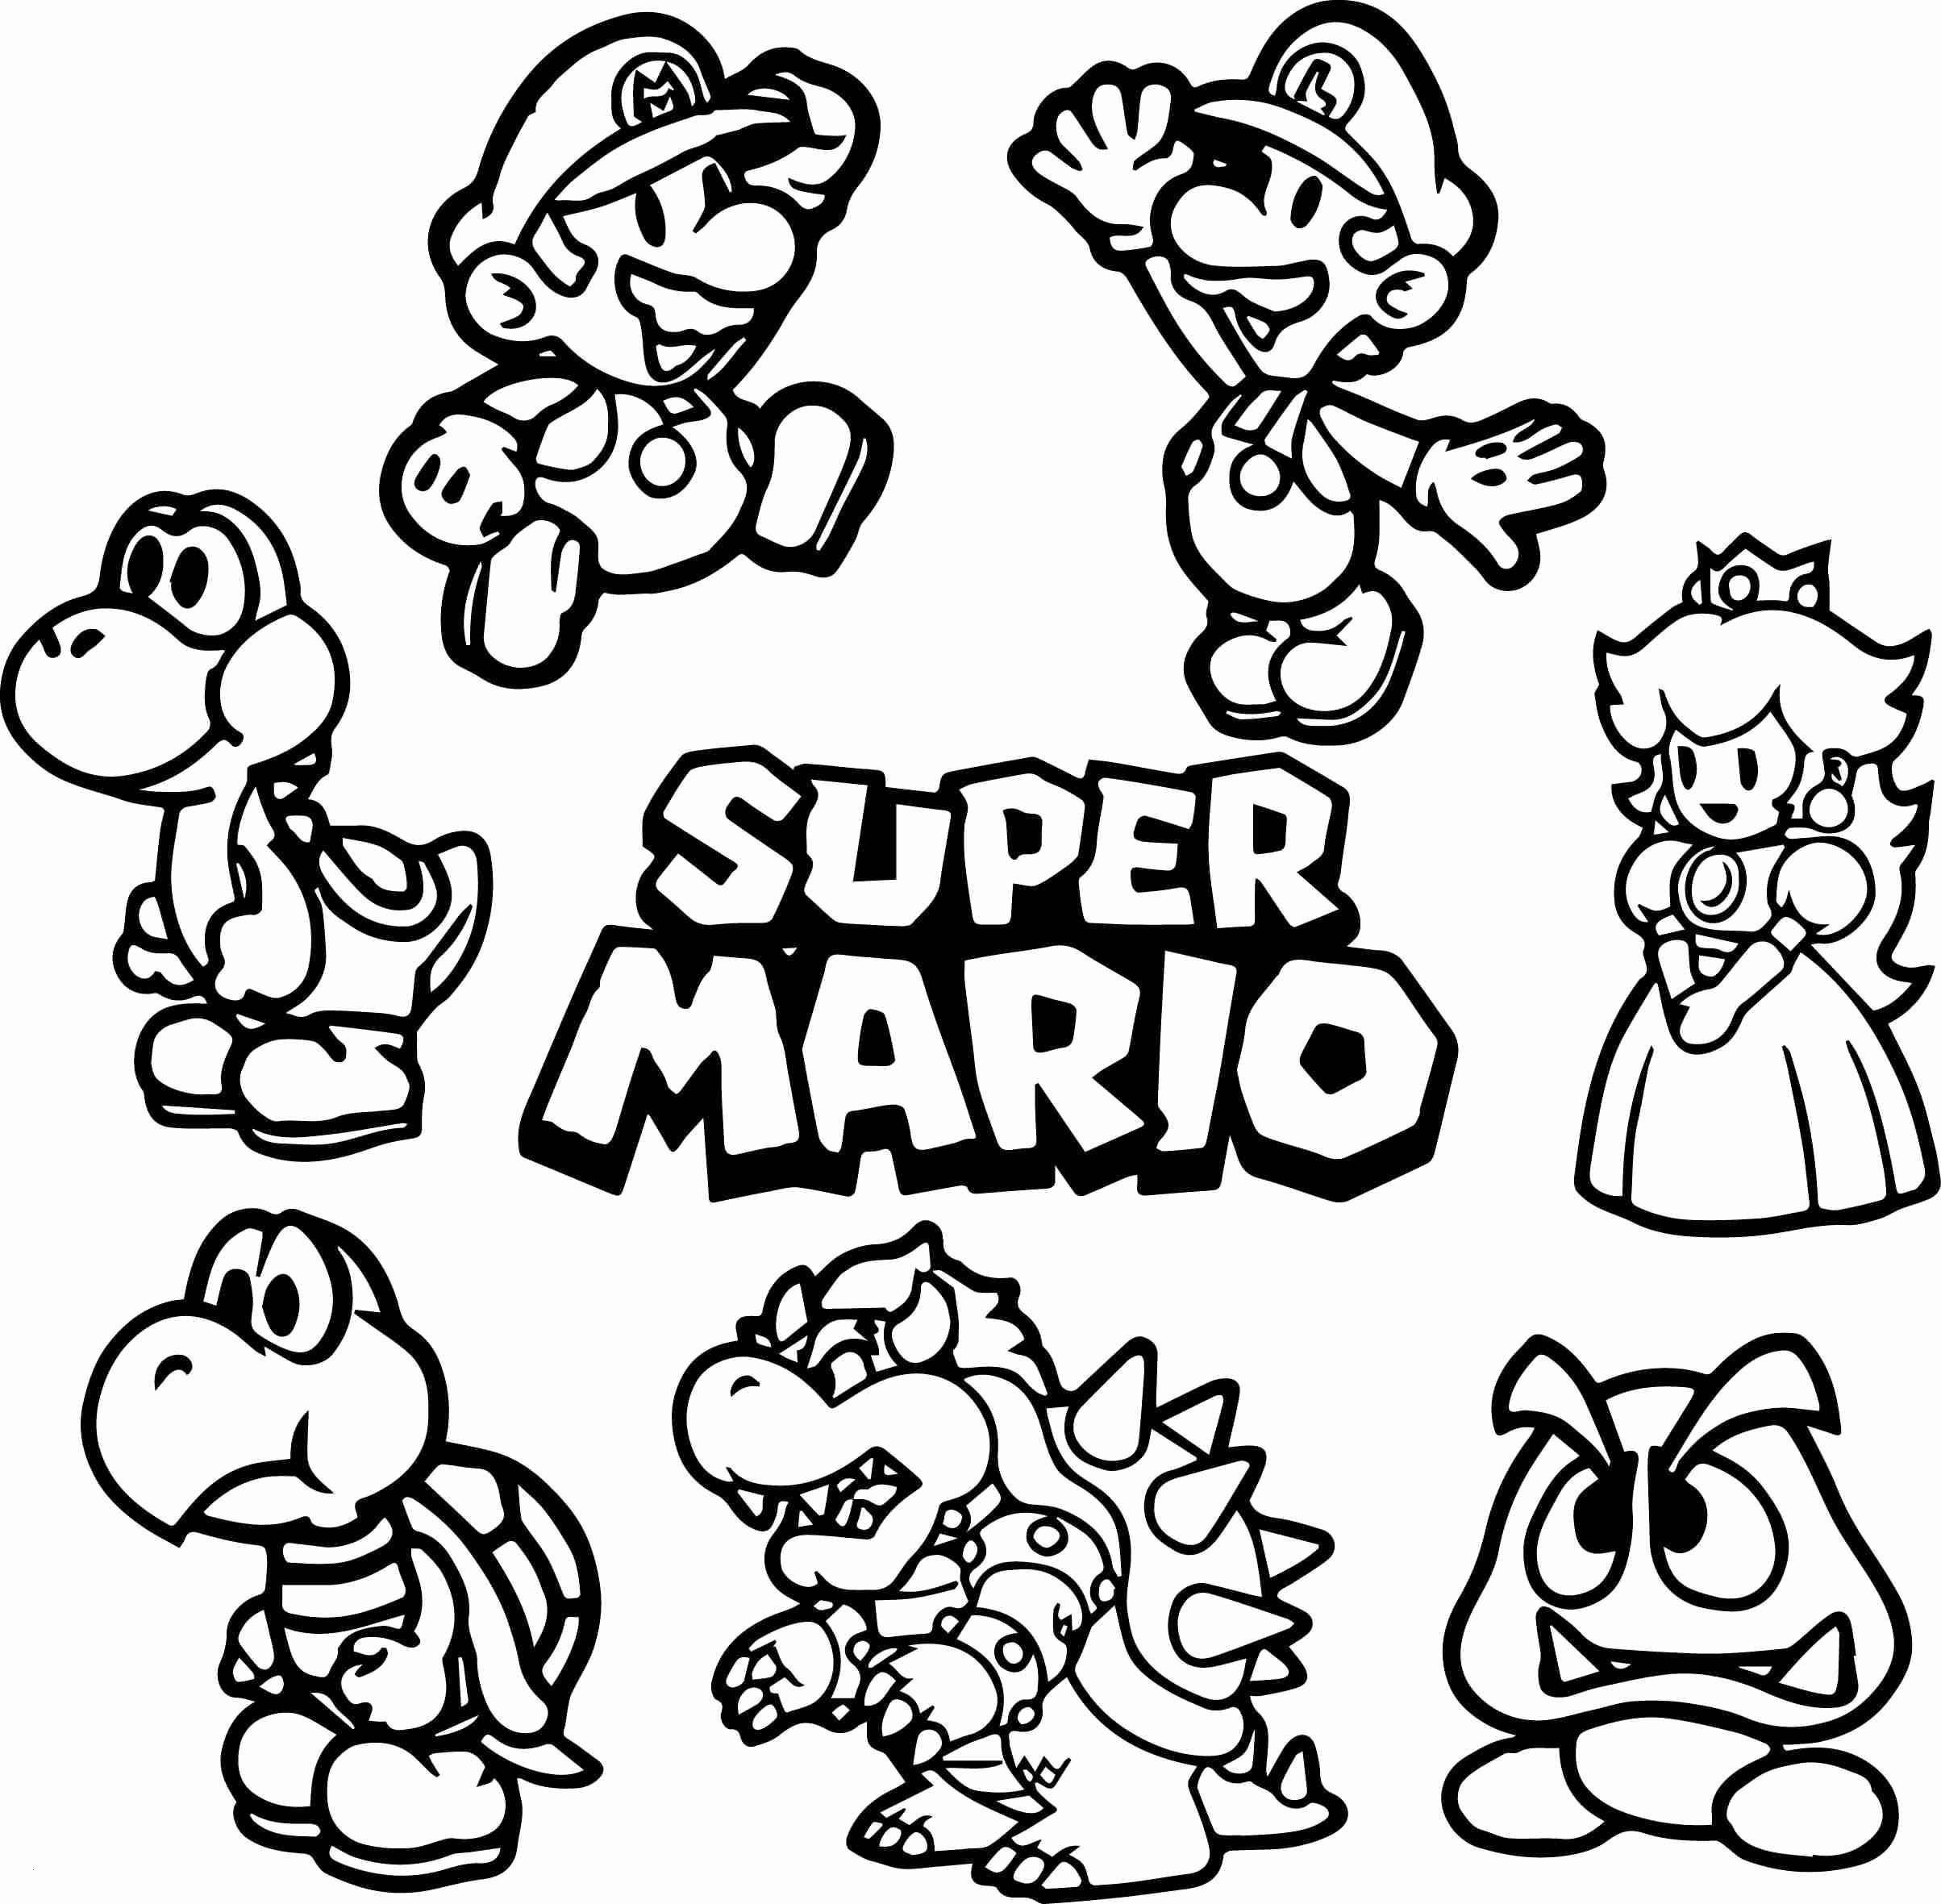 Super Mario Malvorlage Frisch 37 Super Mario Kart Ausmalbilder Scoredatscore Schön Baby Mario Fotos